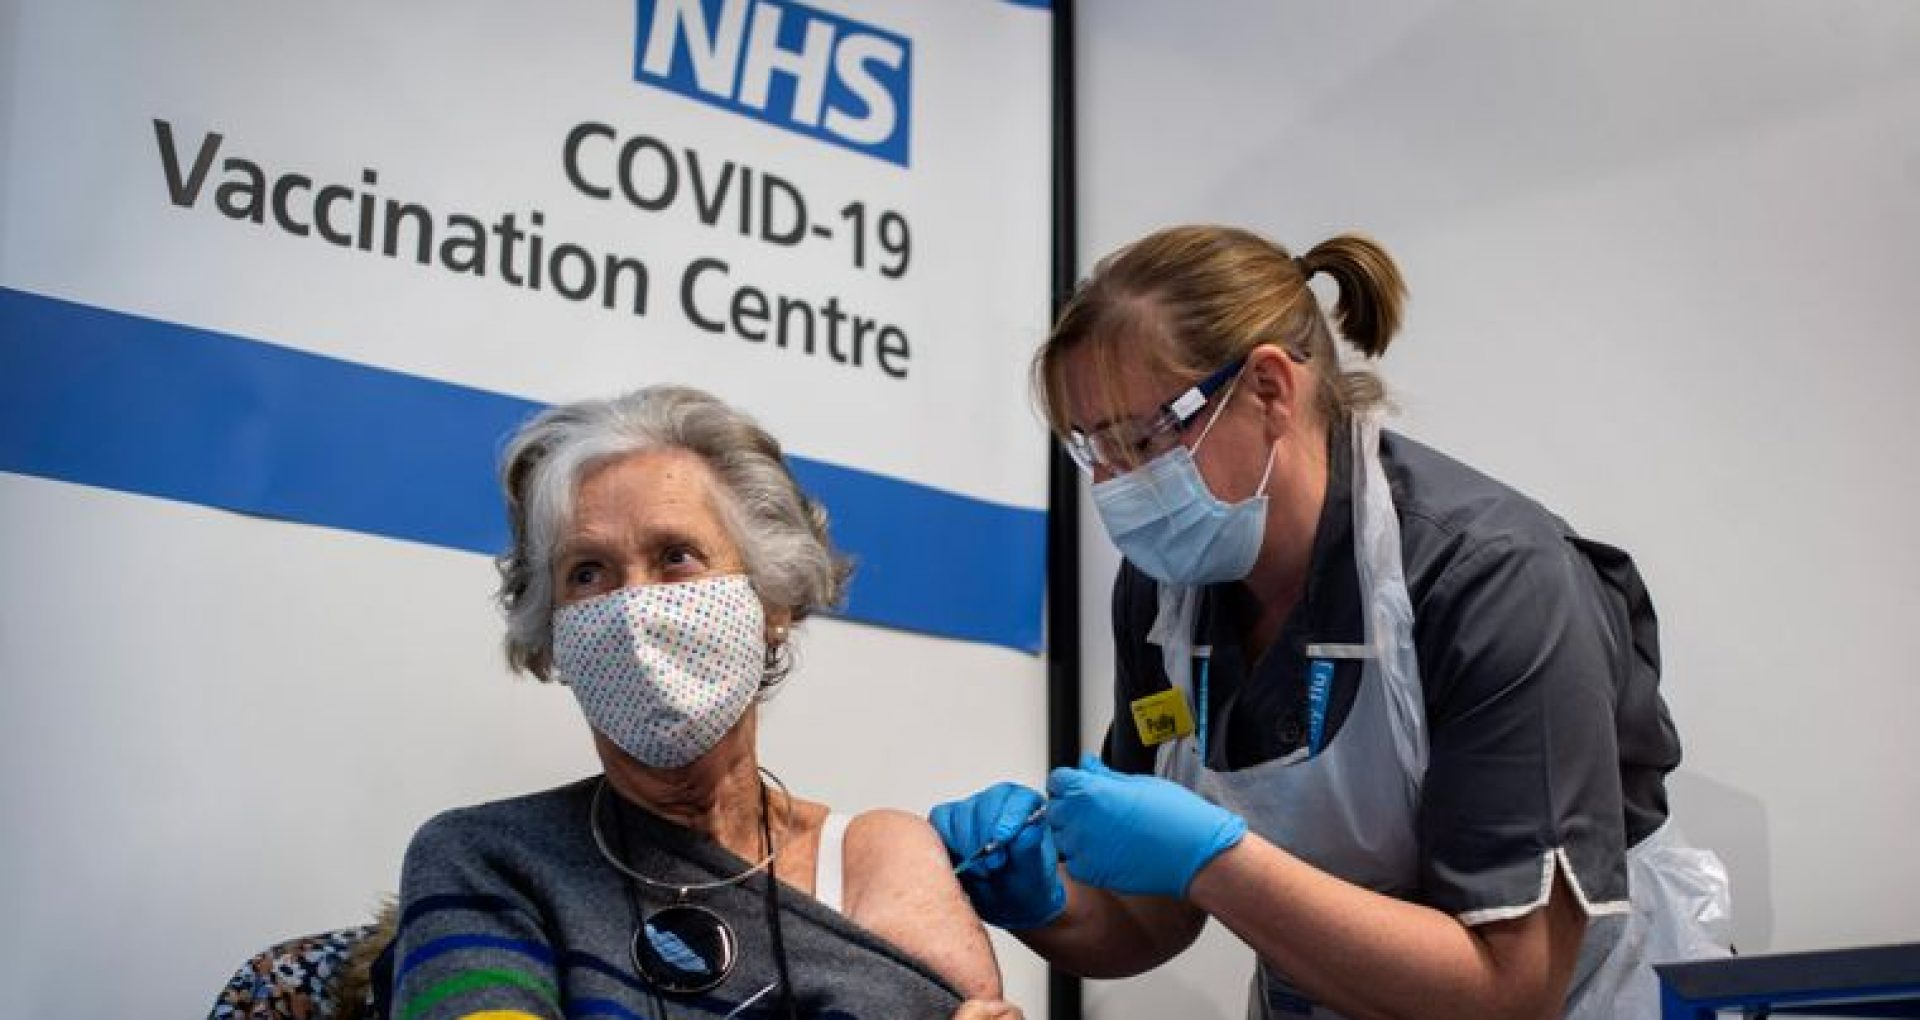 SONDAJ/ Unu din trei moldoveni este gata să se vaccineze împotriva COVID-19